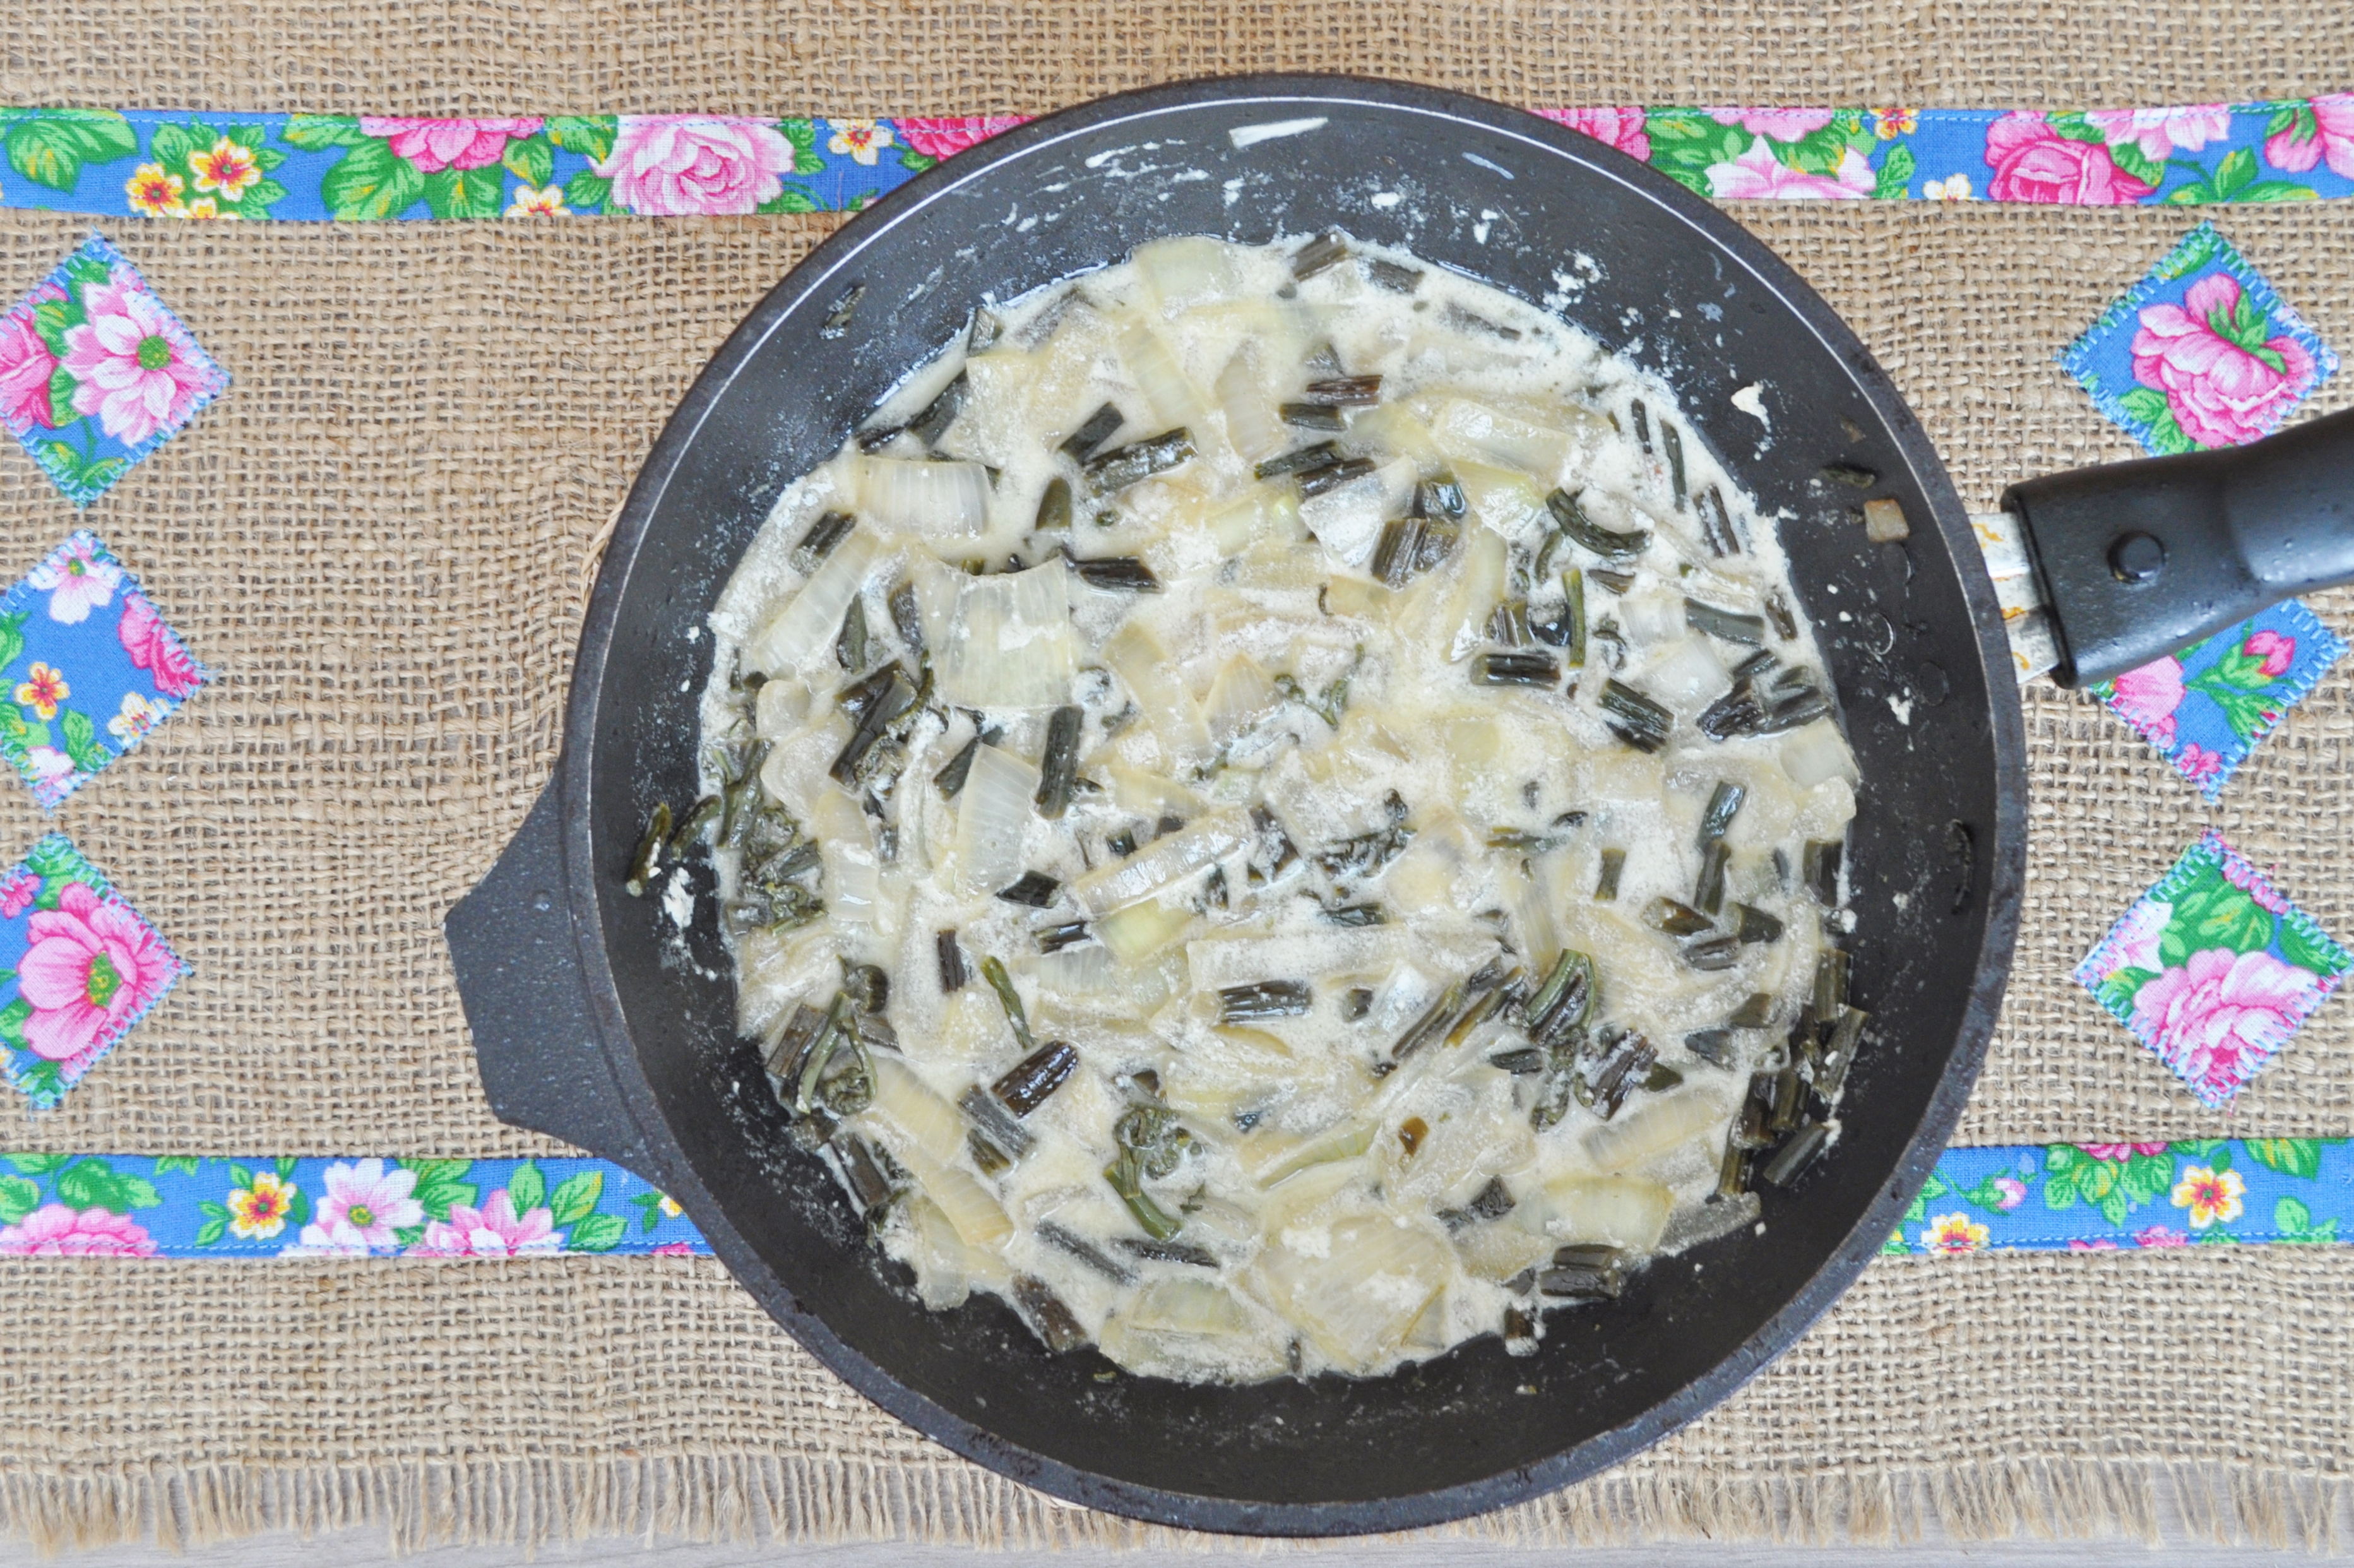 Потушить 4 минуты под крышкой, добавить молотый чёрный перец по вкусу. Папоротник для запеканки готов.